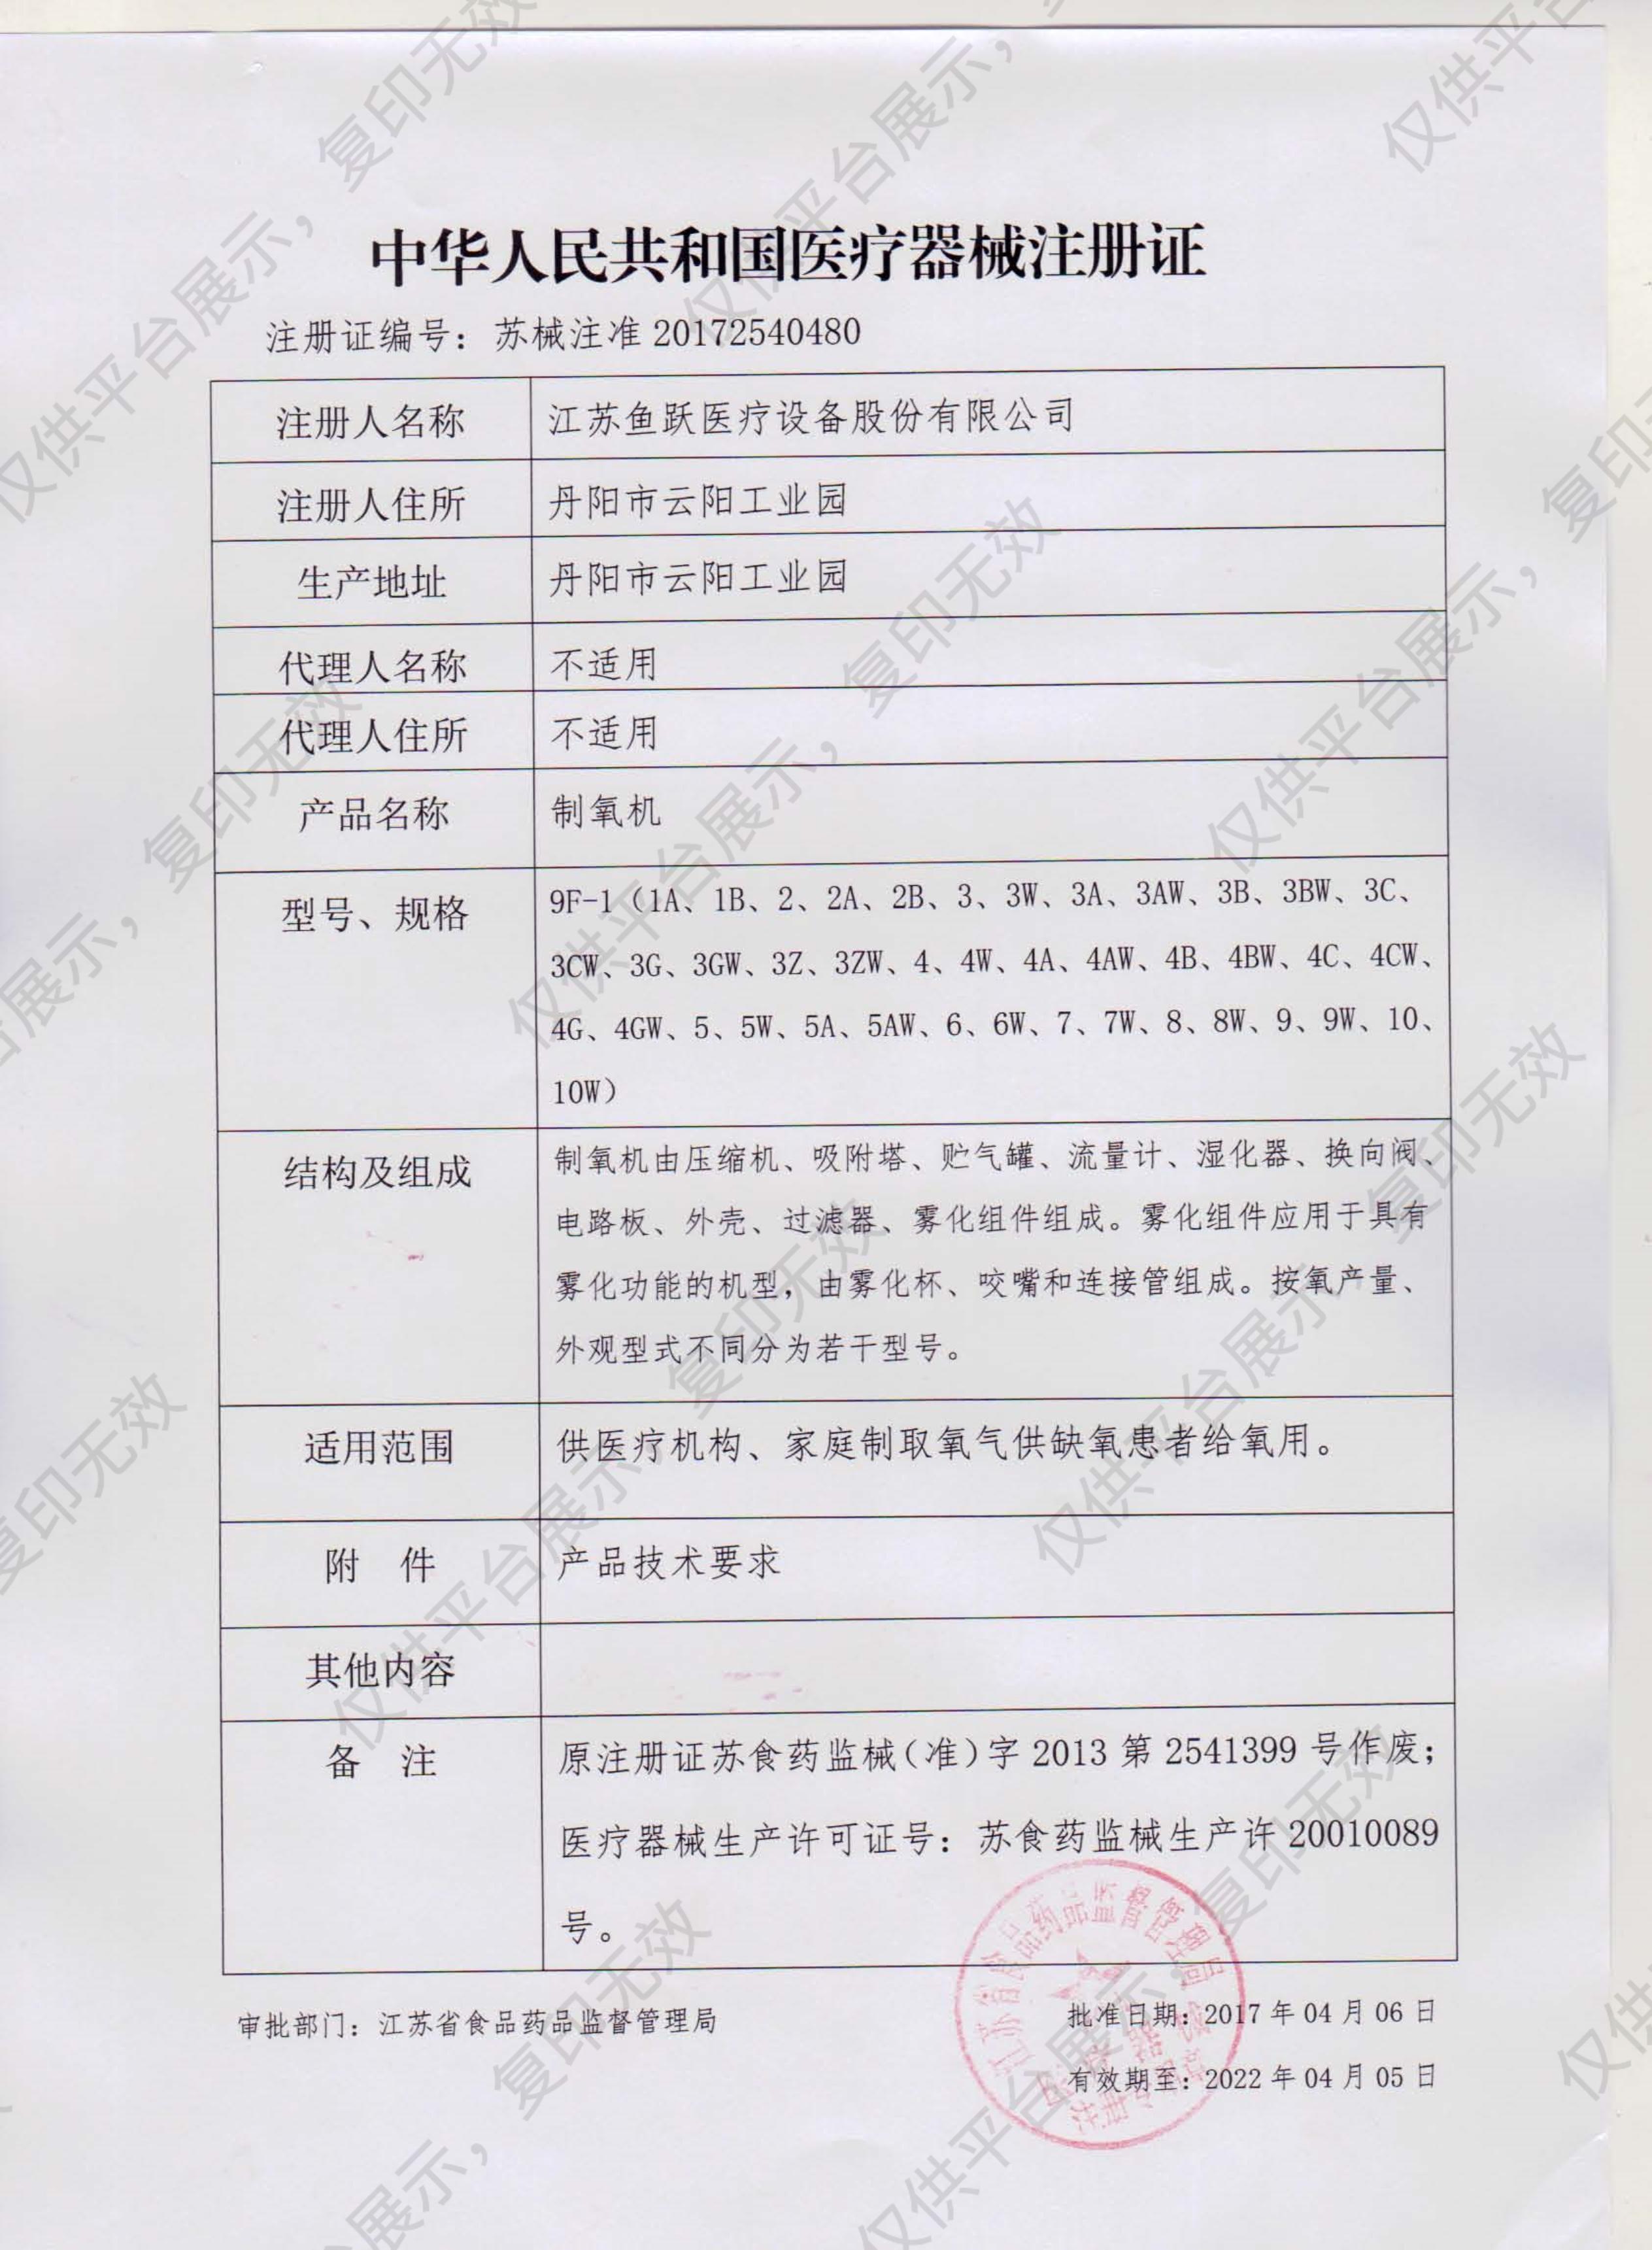 鱼跃yuwell 制氧机 9F-3AW注册证